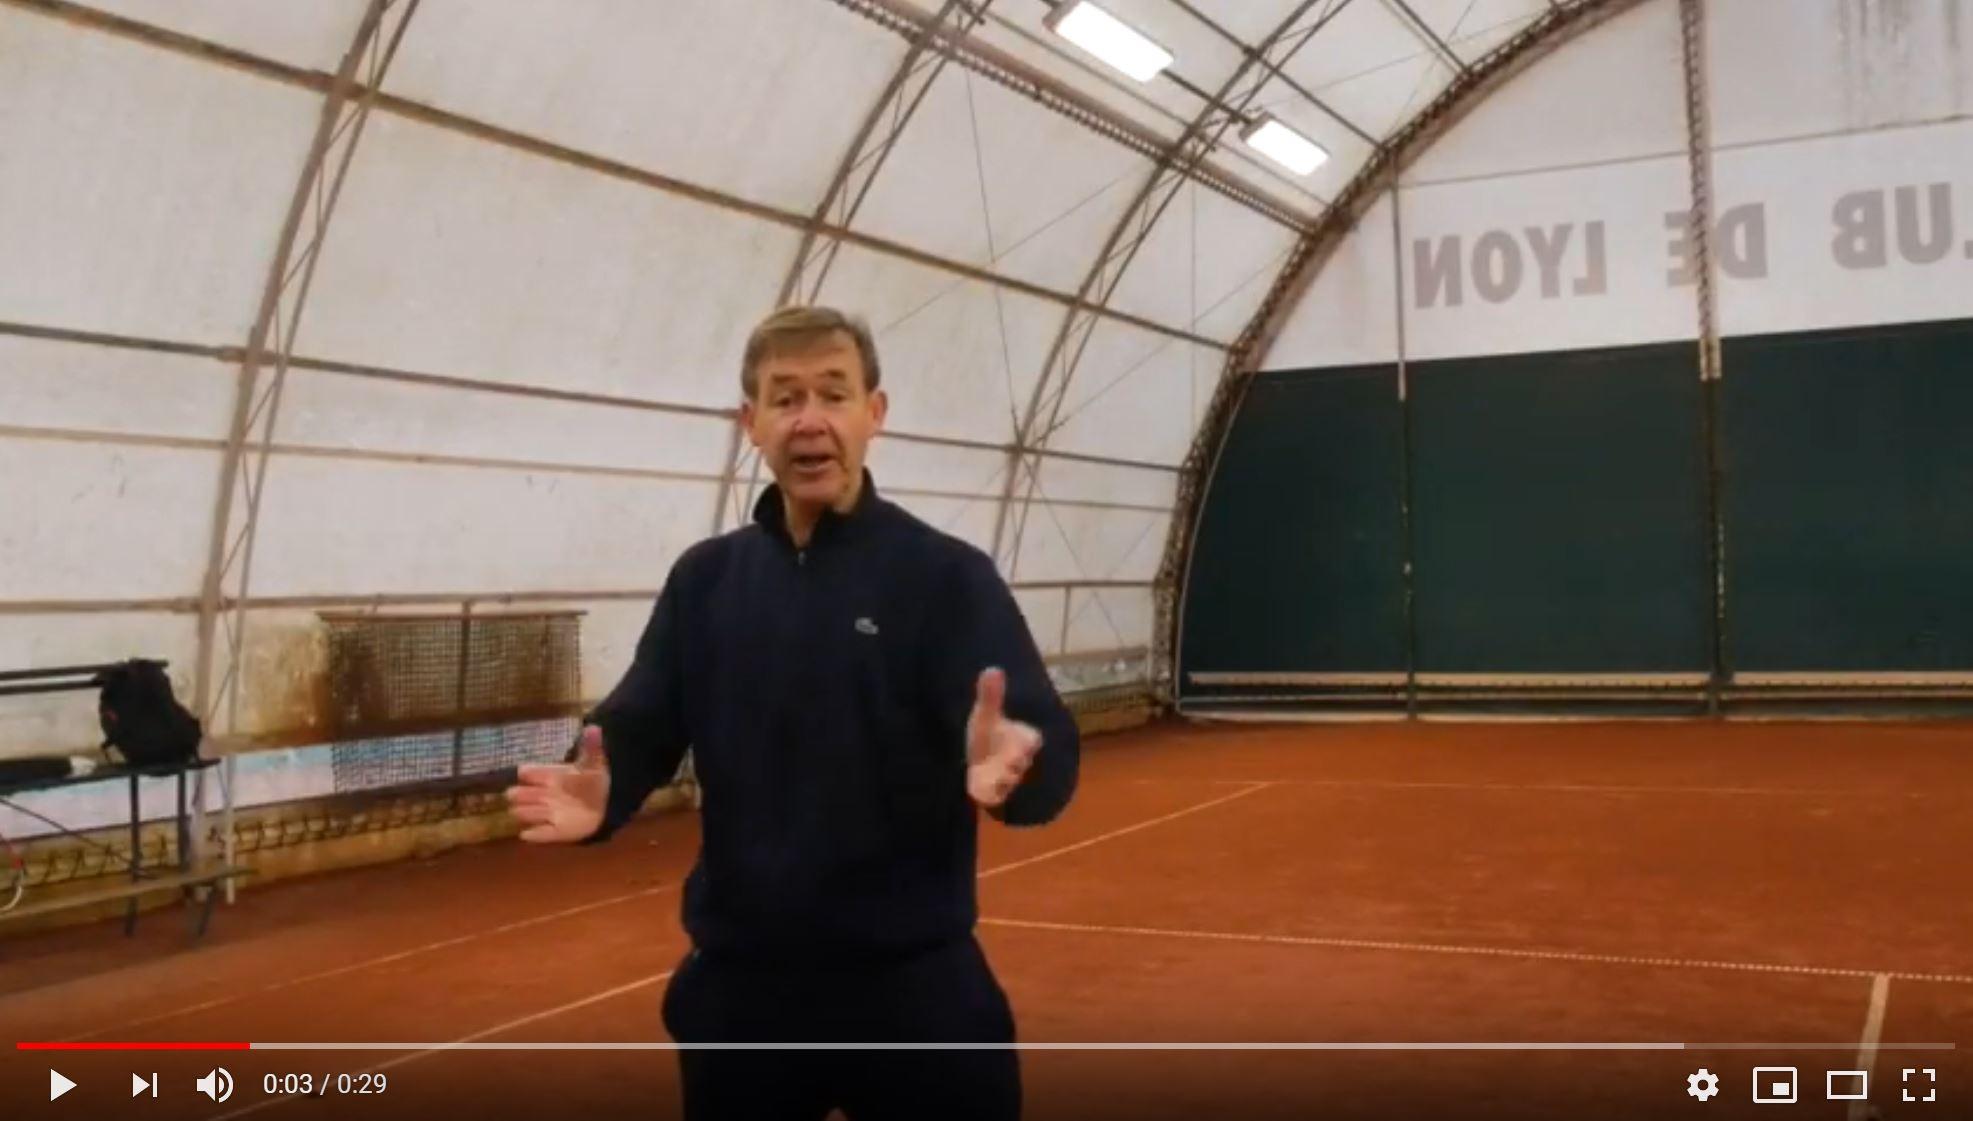 2019-12-15-la-volee-tennis